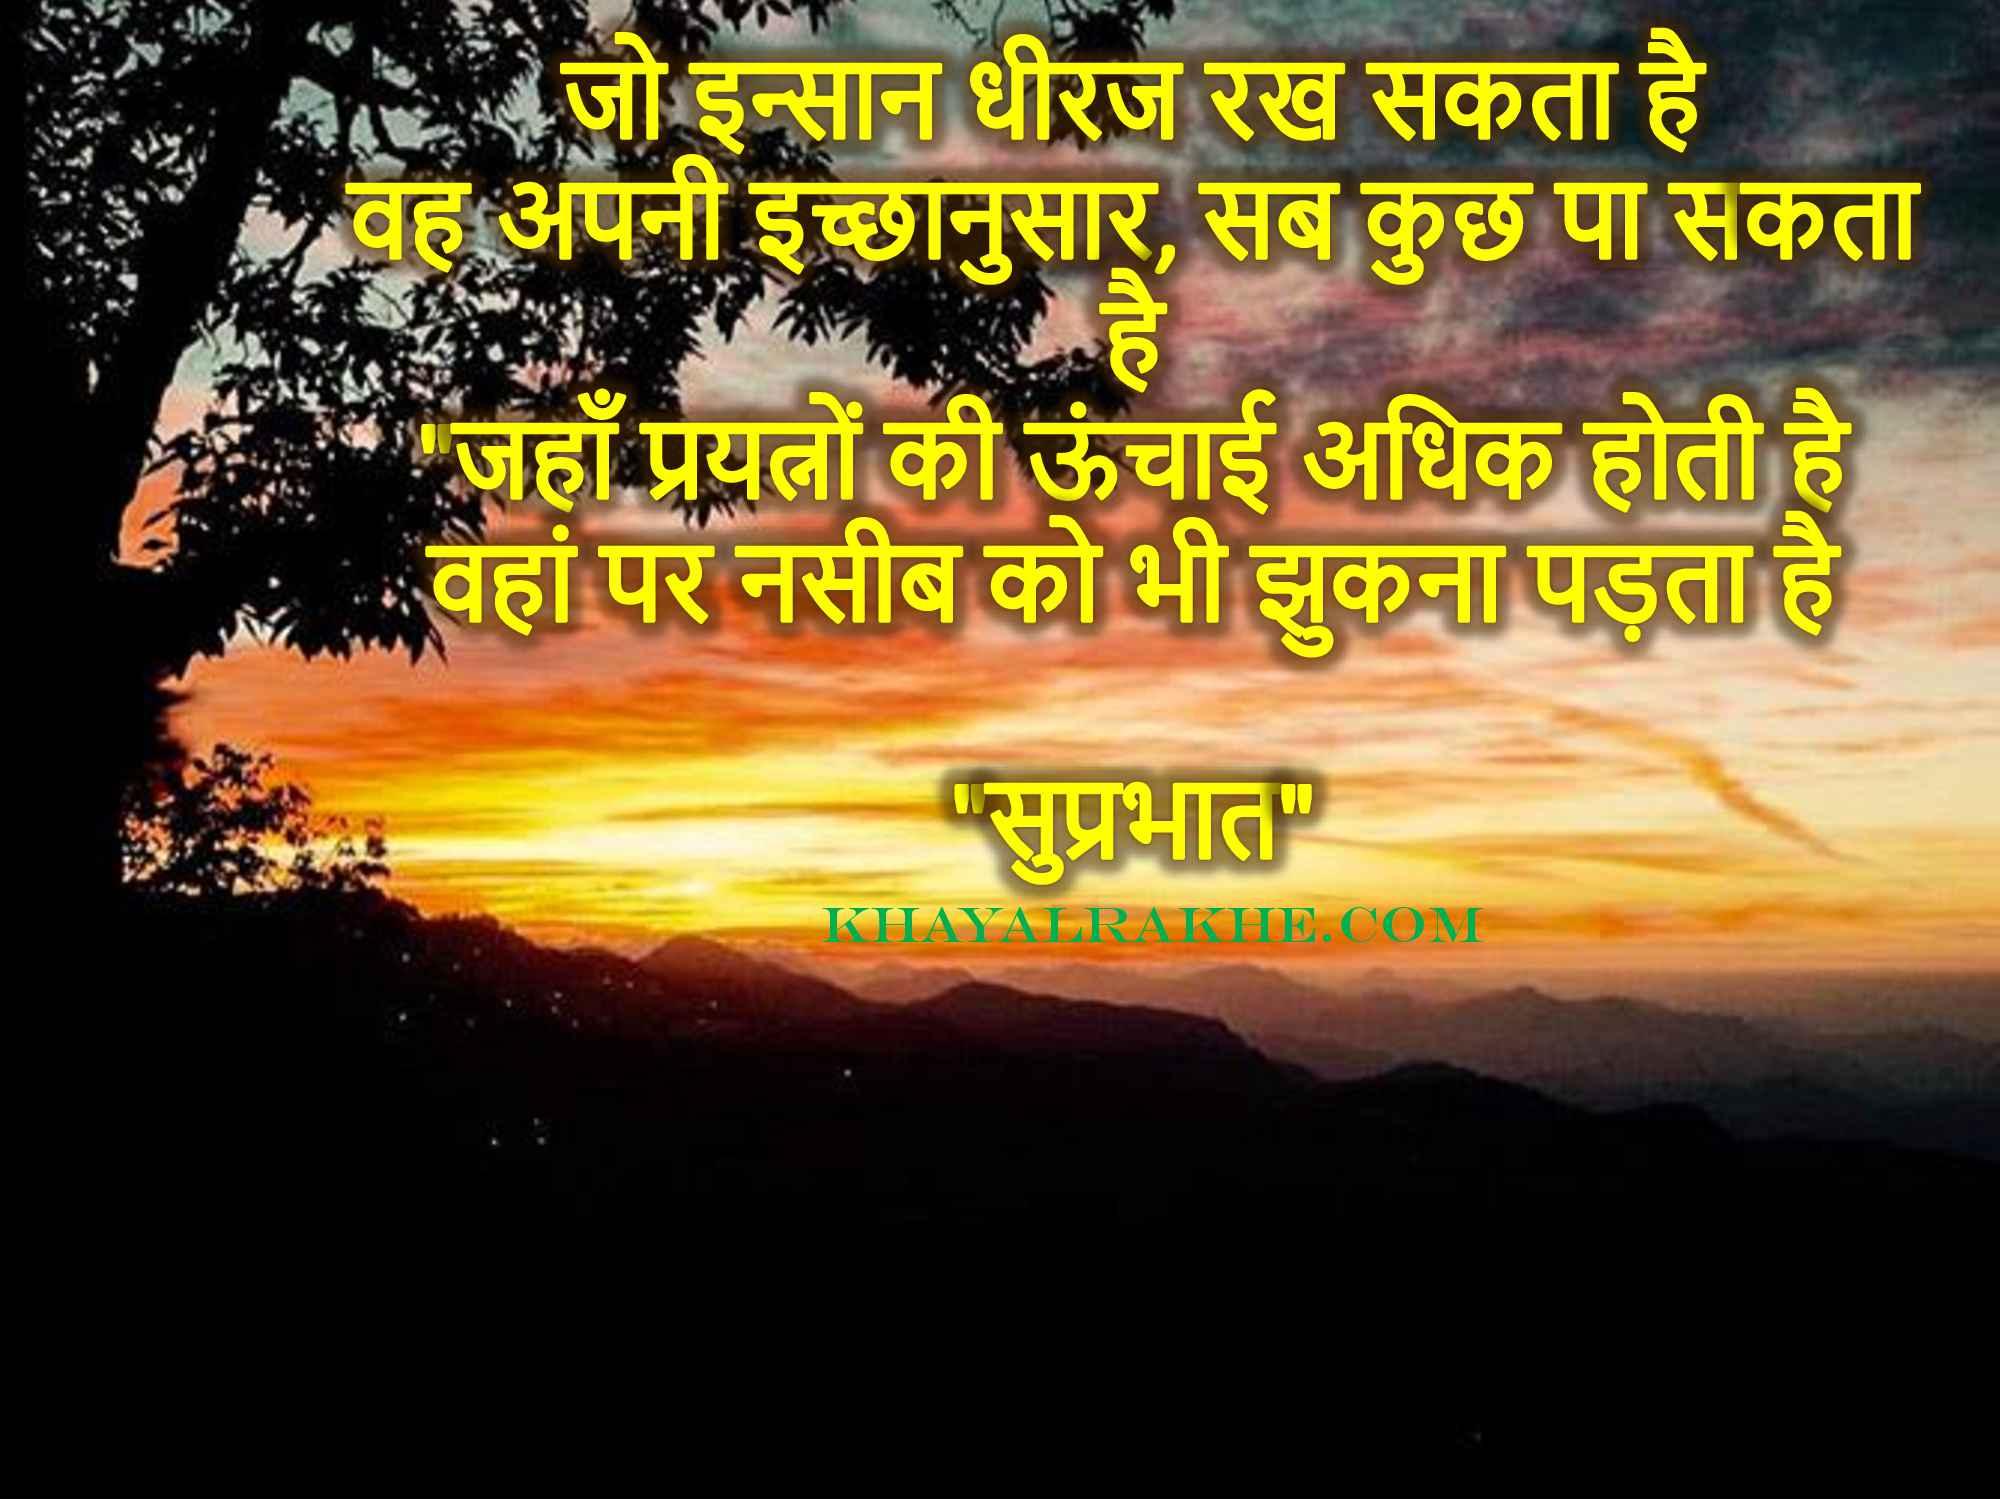 Hindi Good Morning Whatsapp Quotes SMS